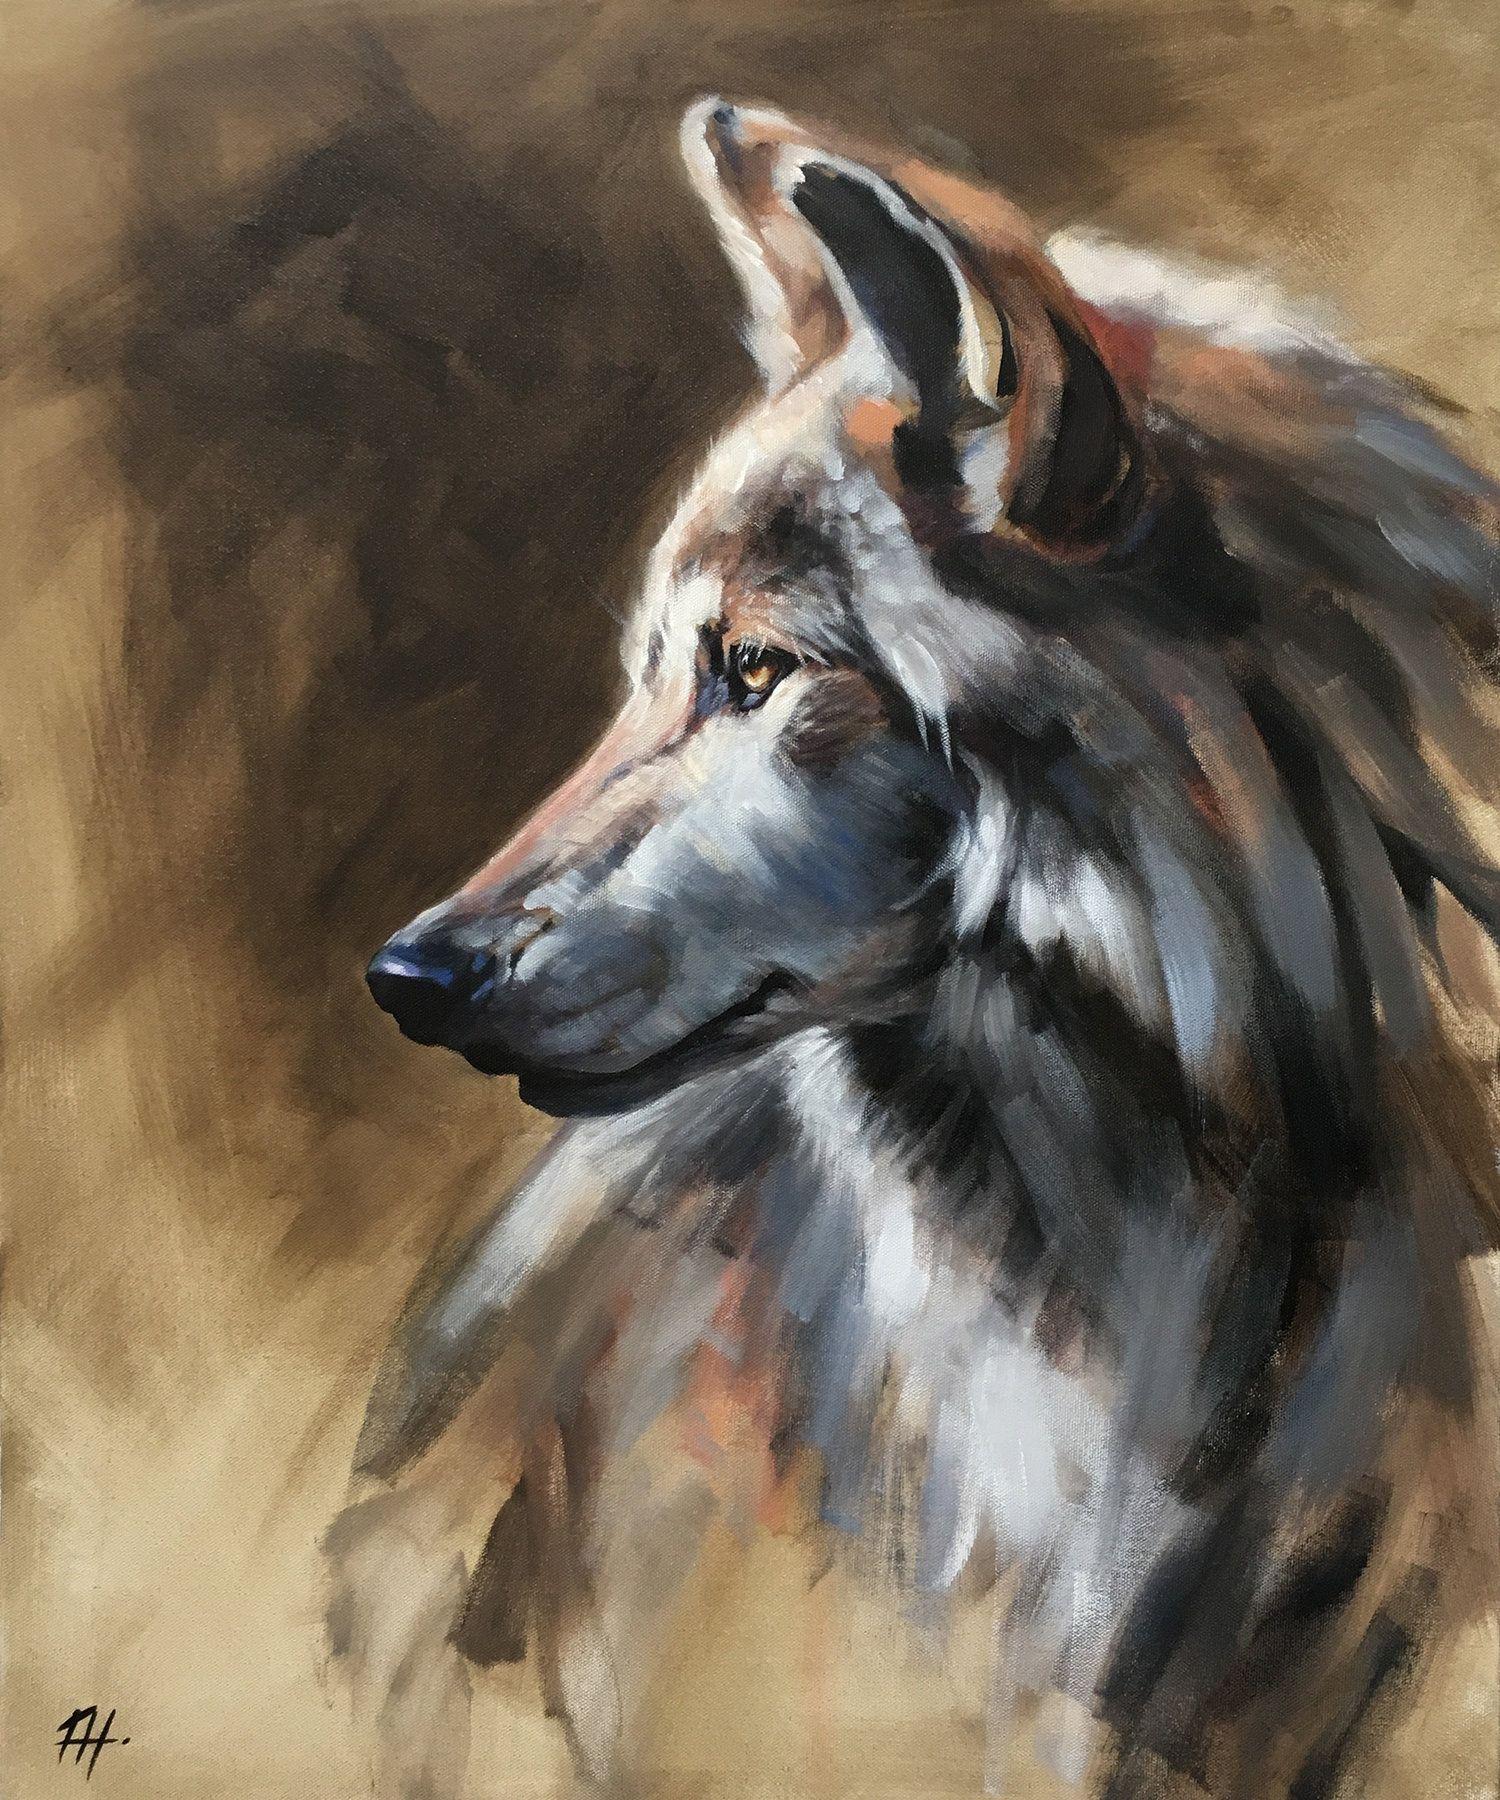 El futuro de los cachorros [Smanix] 73ab66f2e6248a45f77e5367947db2e6